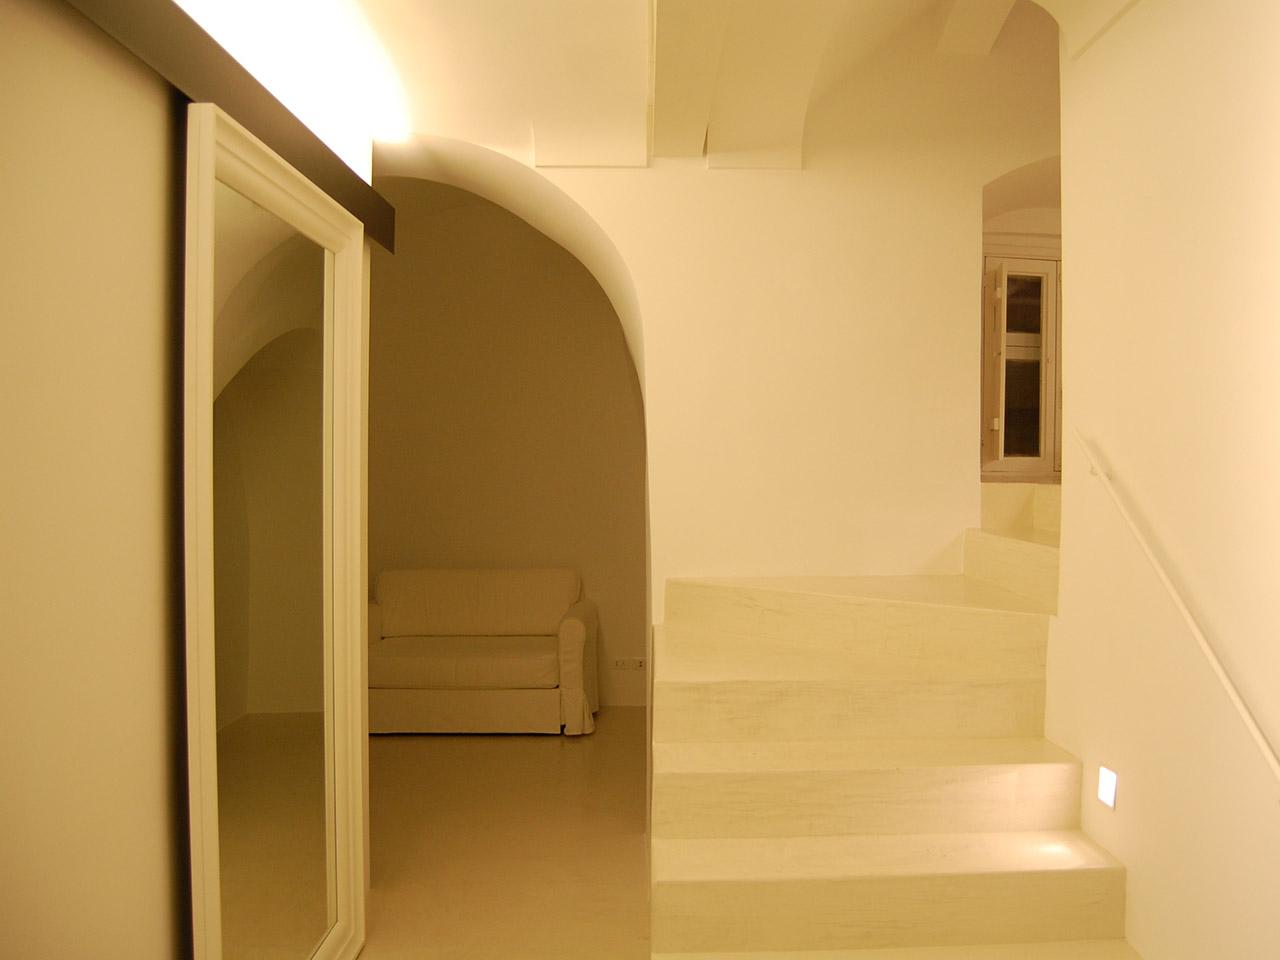 costruzioni restauri sirio ostuni restauro risanamento conservativo abitazione privata centro storico continelli dsc 0045 1